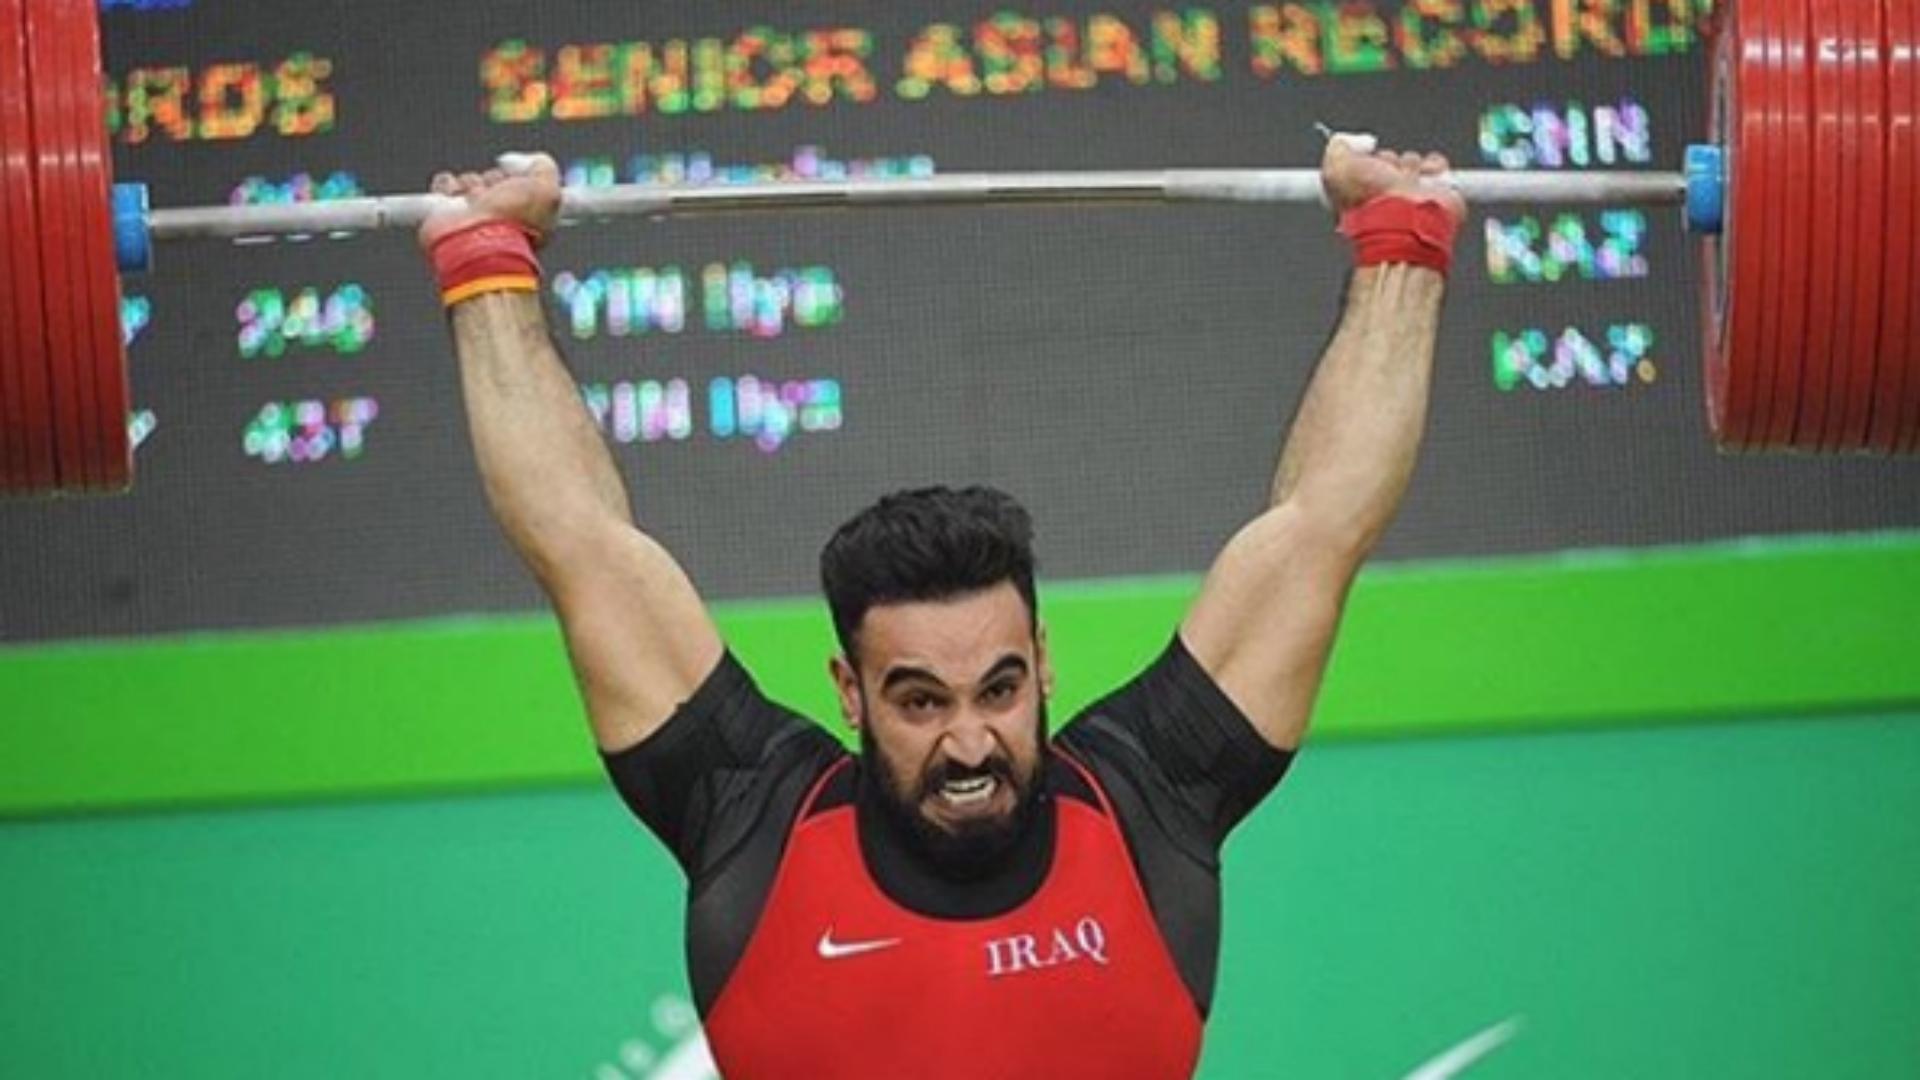 وزير الرياضة يتدخل لمساعدة بطل المنتخب العراقي لرفع الأثقال